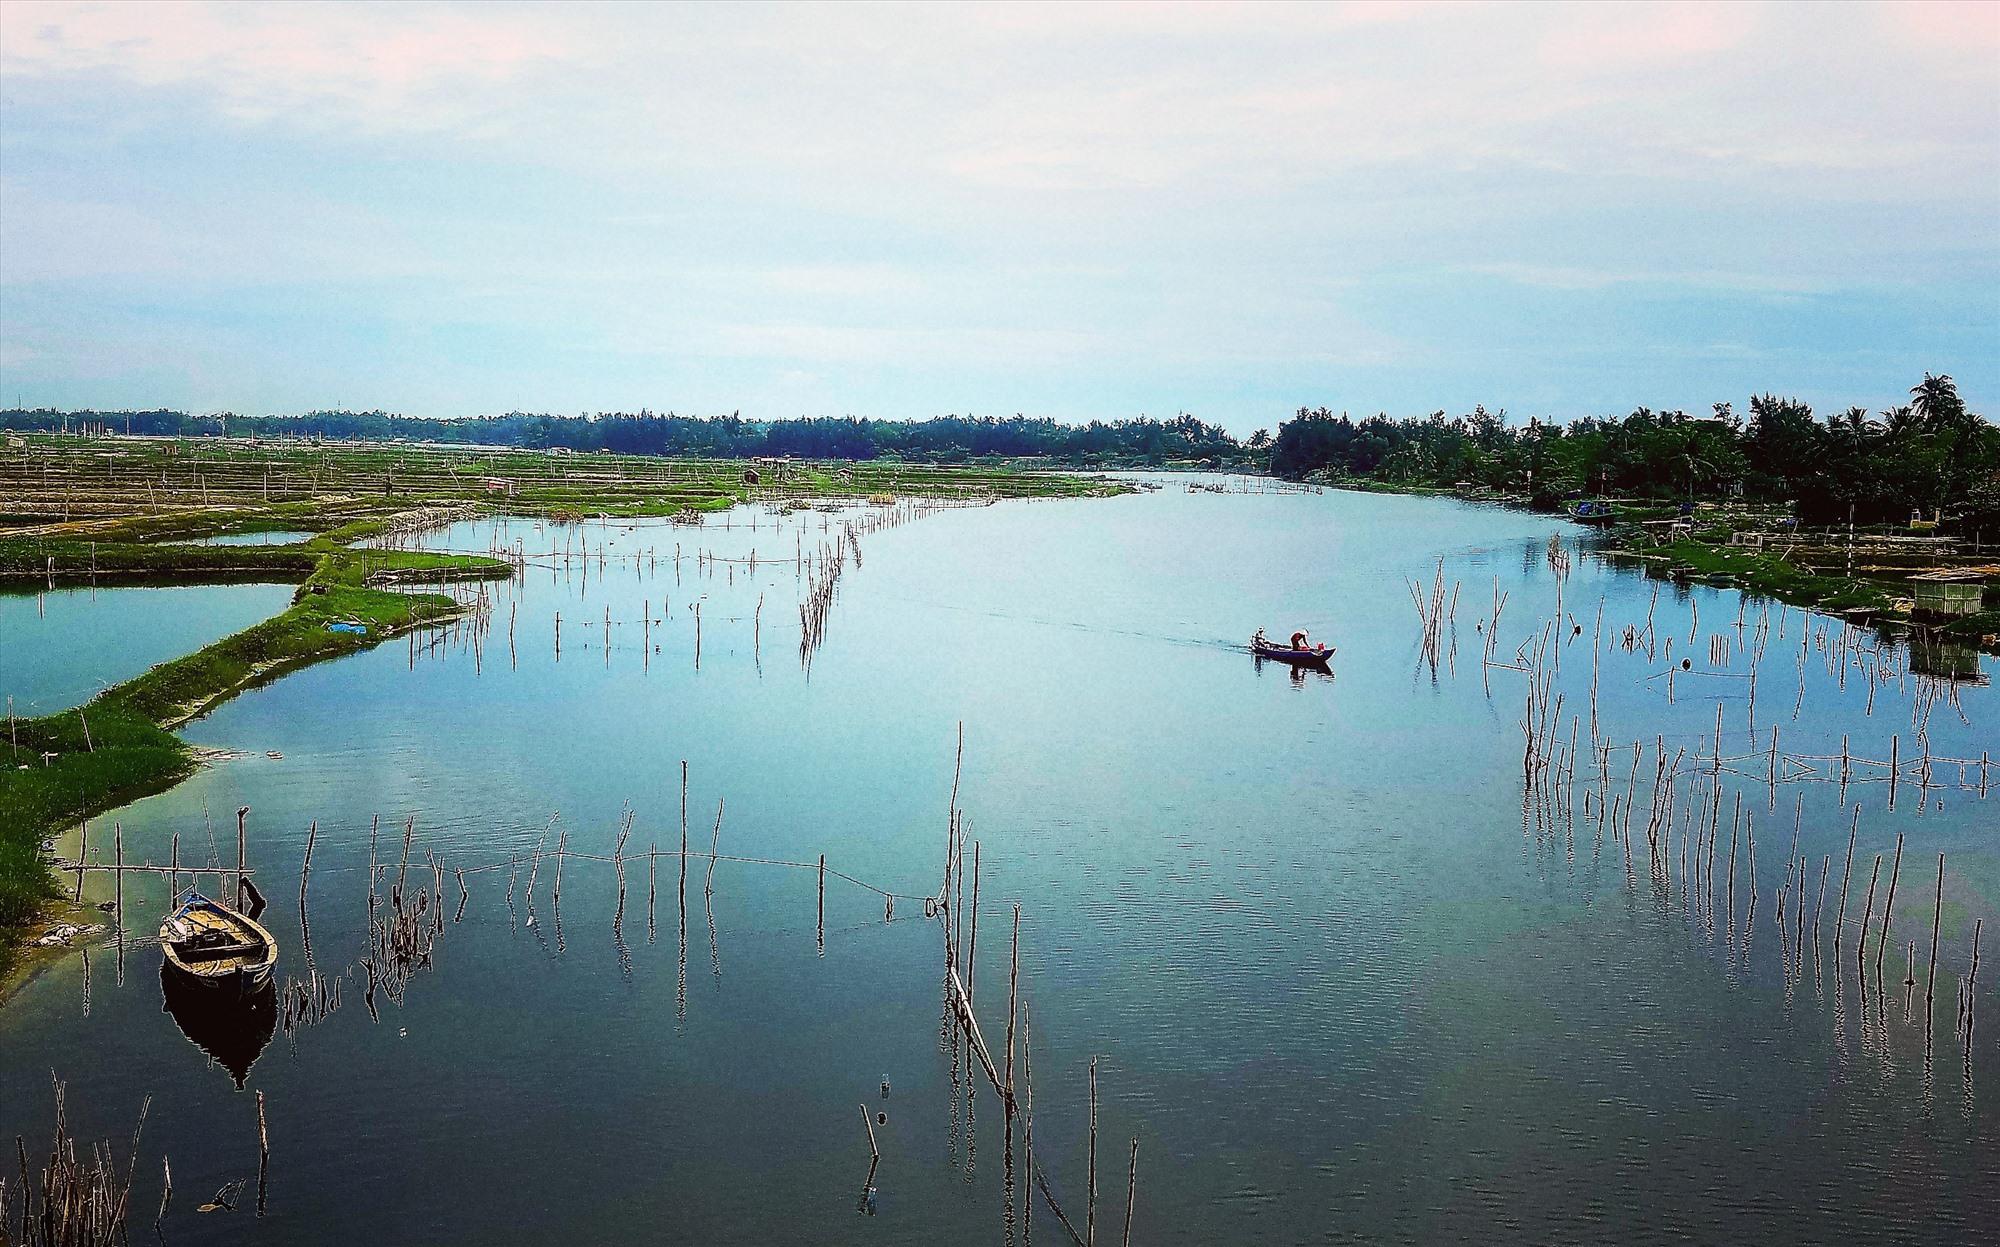 Có kế hoạch, định hướng khai thác hiệu quả lợi thế từ các dòng sông sẽ góp phần quan trọng cho sự phát triển. Ảnh: Q.T